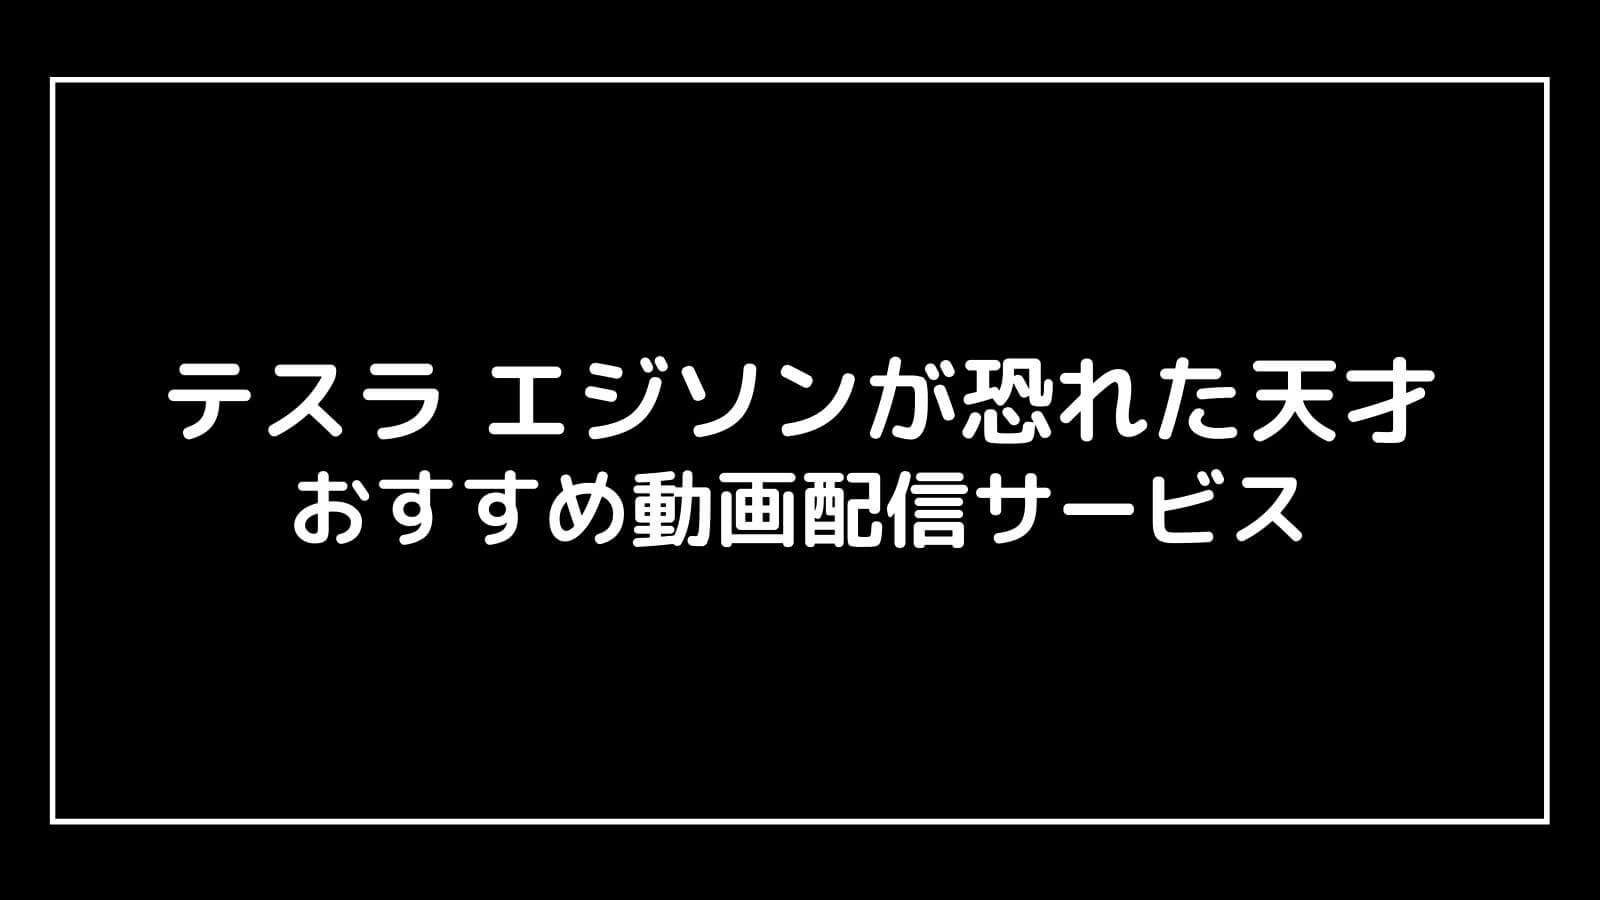 映画『テスラ エジソンが恐れた天才』の無料動画をフル視聴できるおすすめ配信サービス